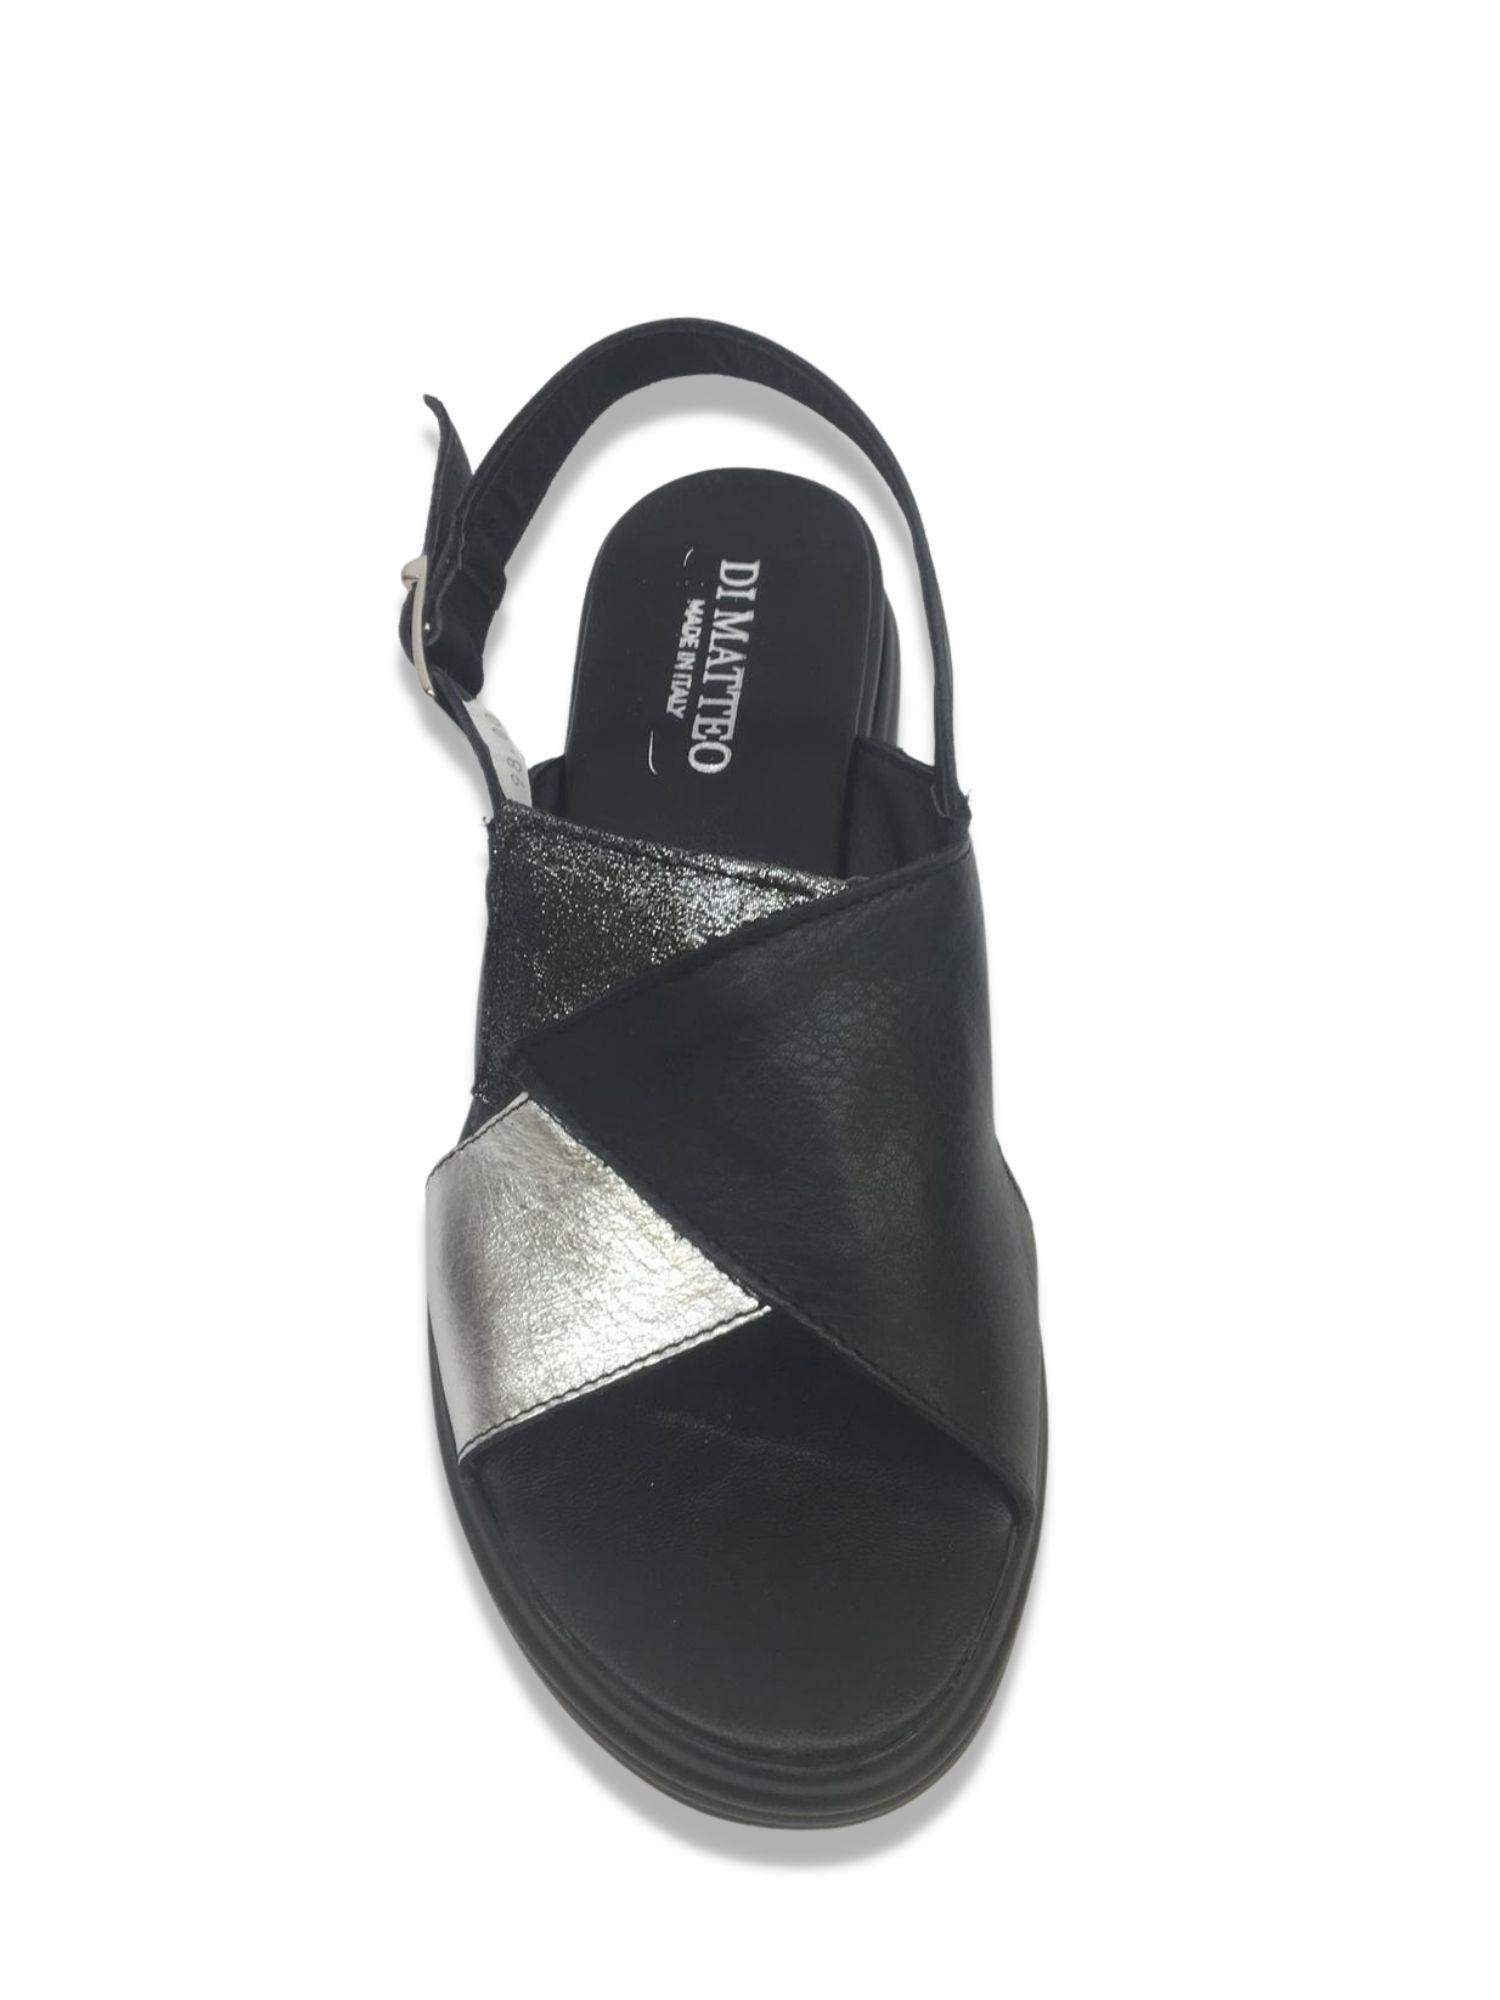 Sandalo Made in Italy 409 Nero alto 1